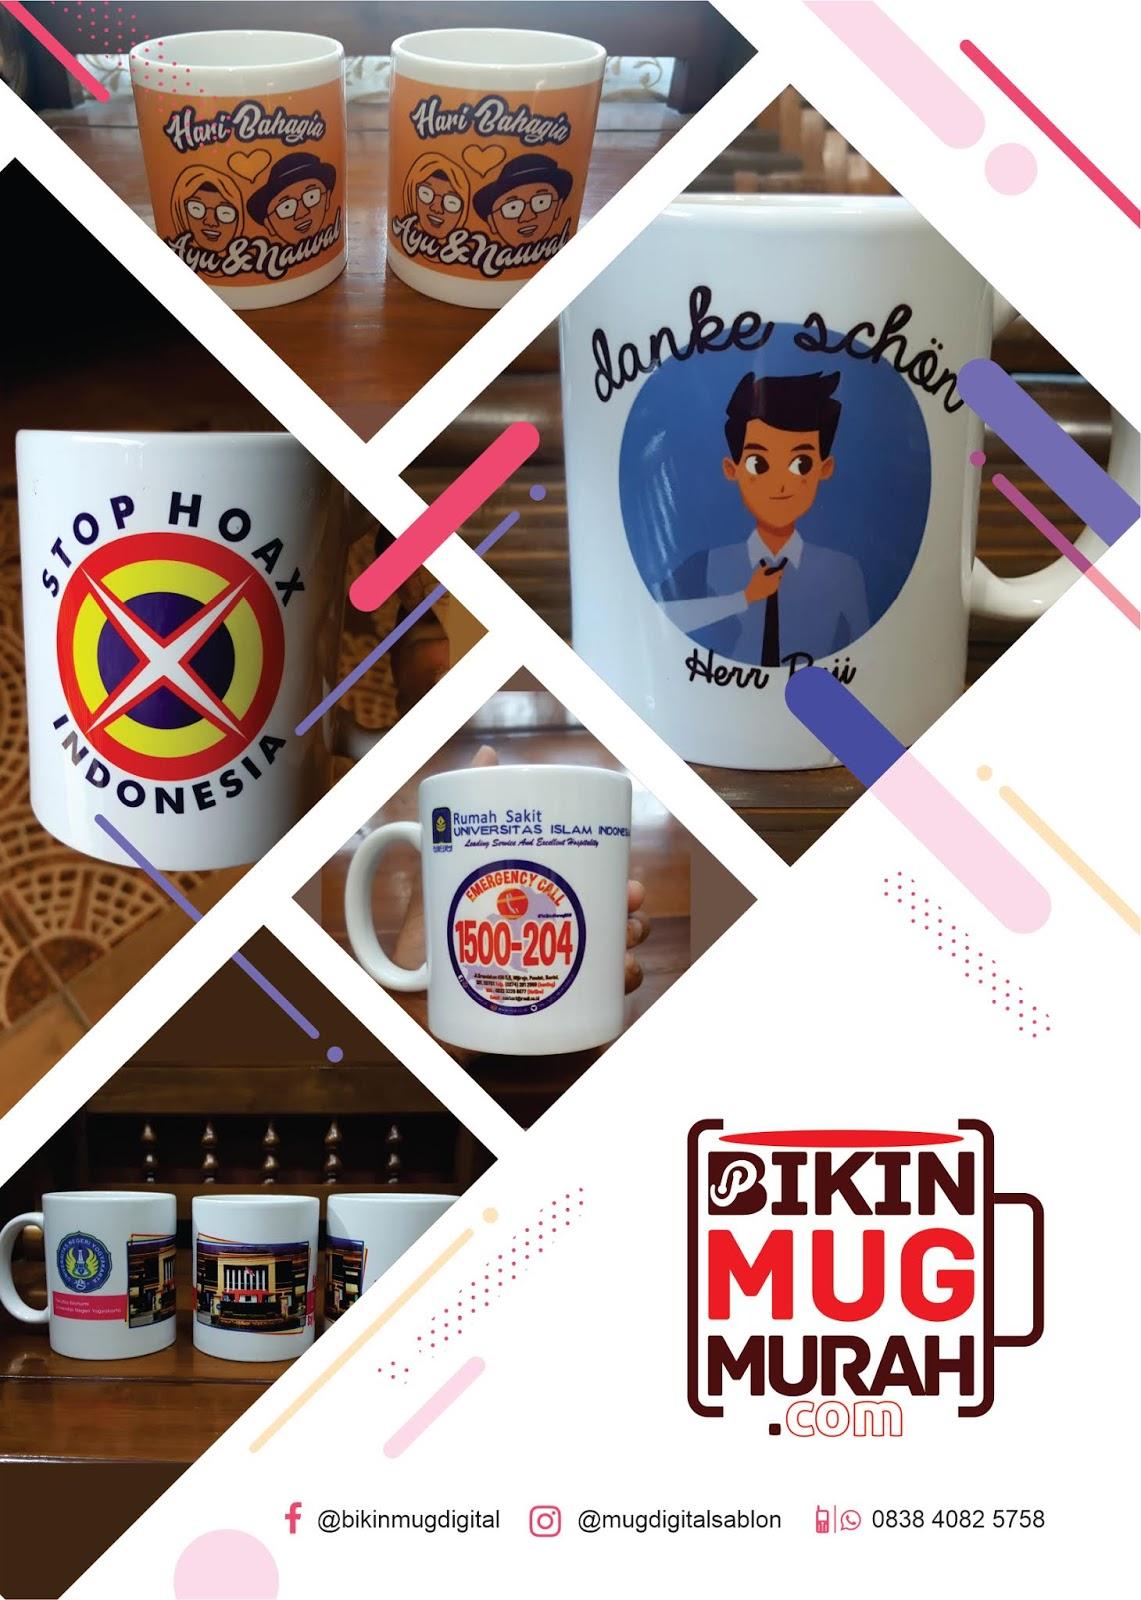 mug digital murah, pesan mug digital, bikin mug digital, cetak mug digital, order mug digital, mug digital murah